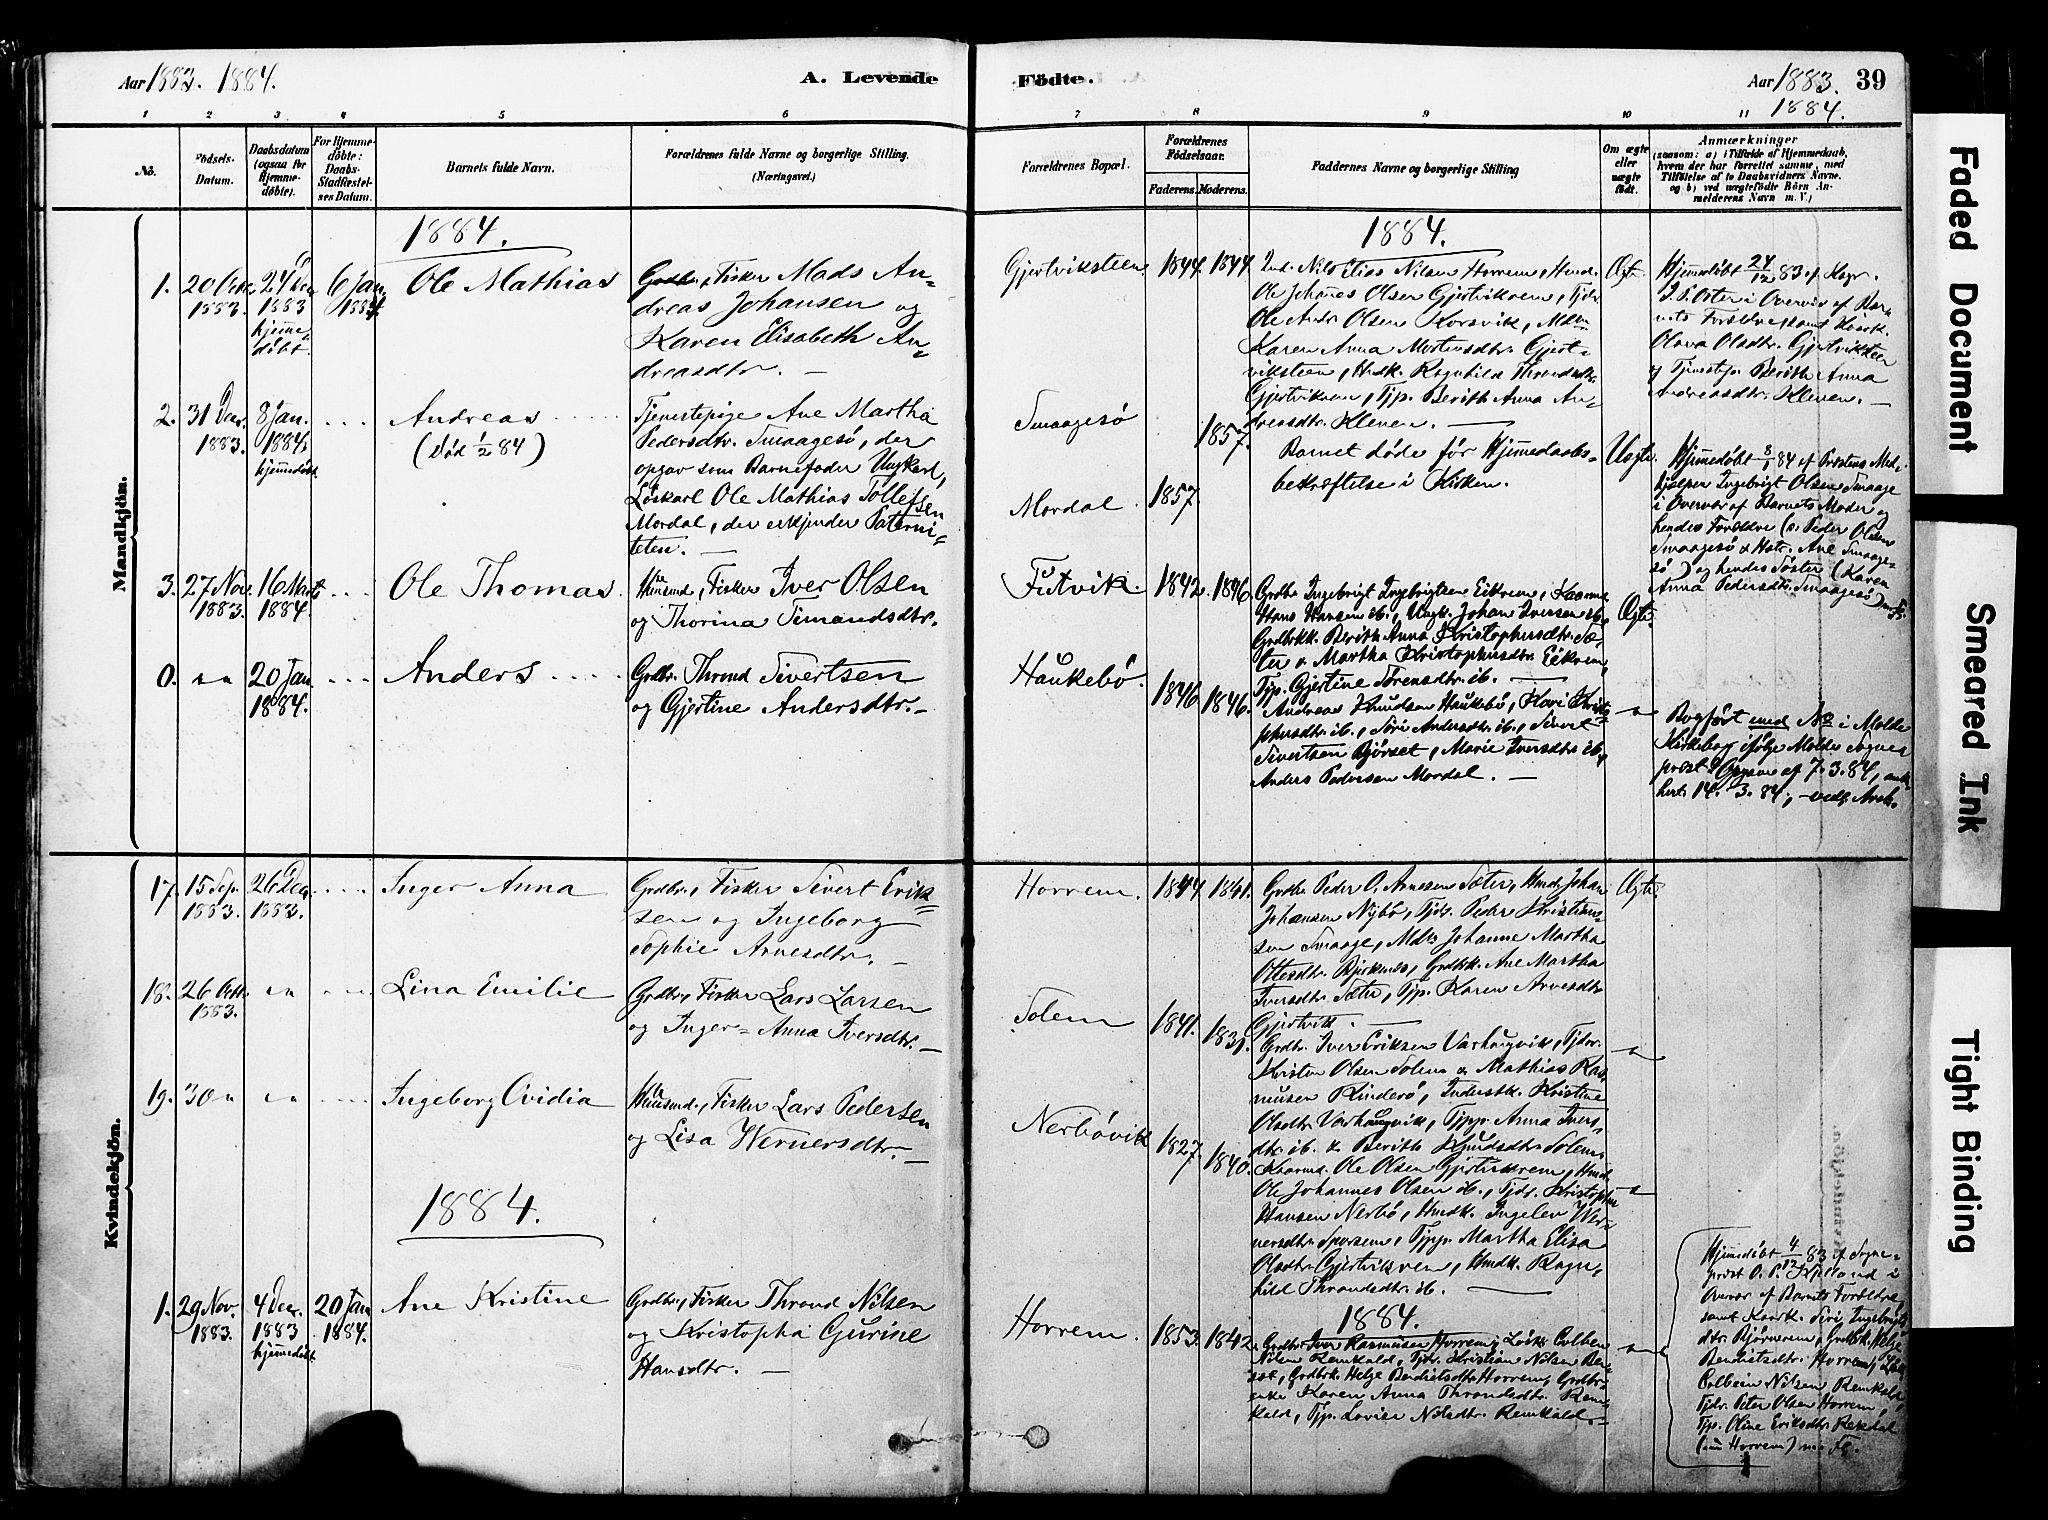 SAT, Ministerialprotokoller, klokkerbøker og fødselsregistre - Møre og Romsdal, 560/L0721: Ministerialbok nr. 560A05, 1878-1917, s. 39